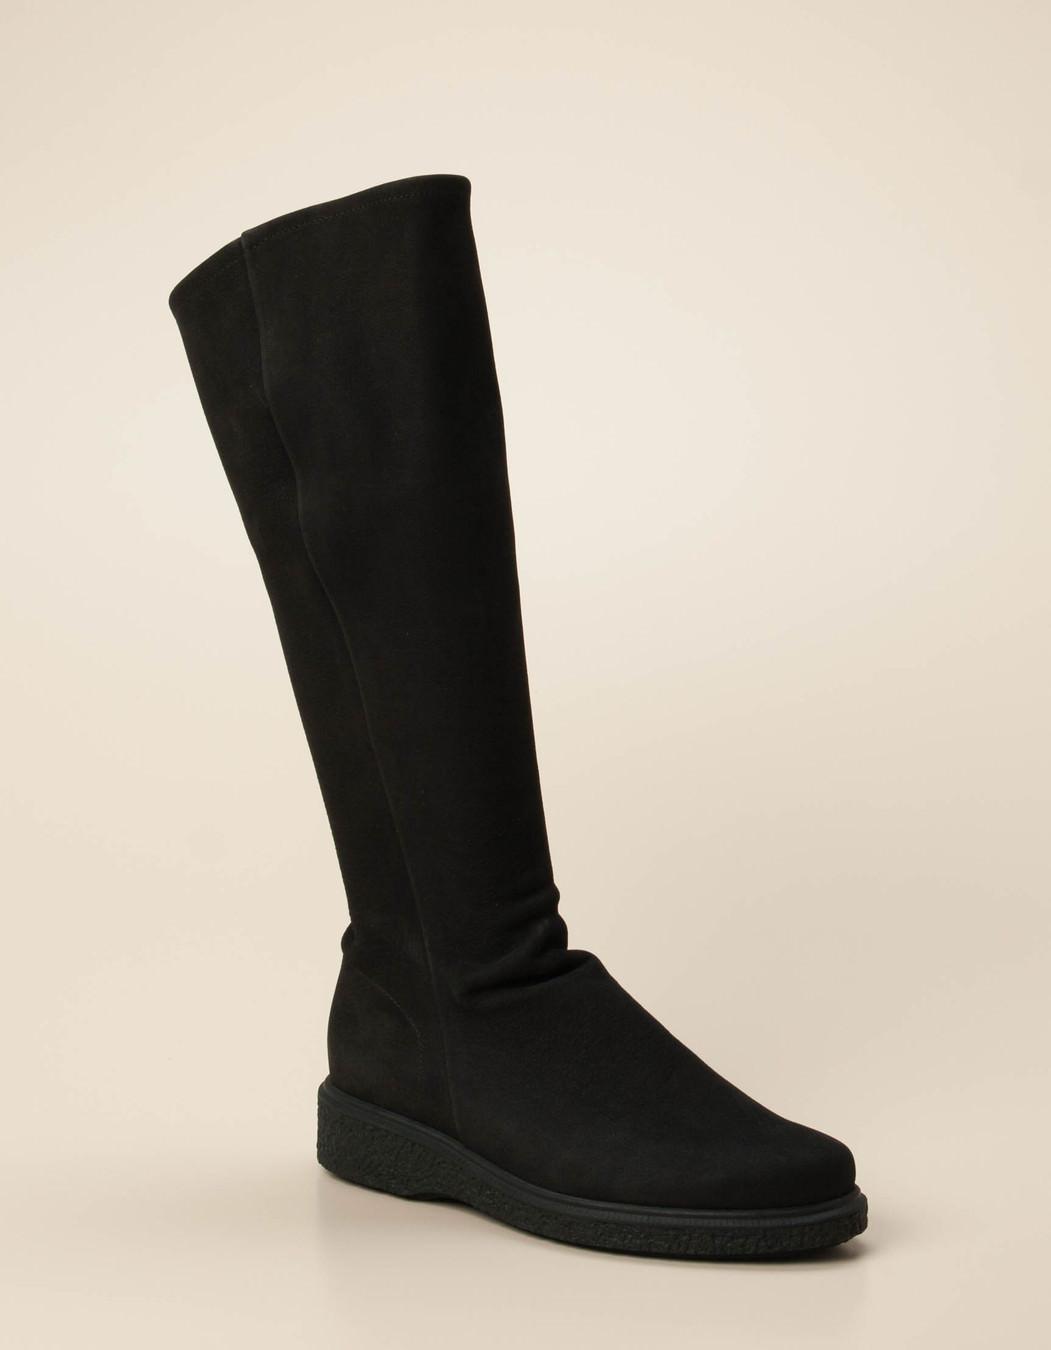 Ludwig Reiter® Schuhe für Damen: Jetzt ab 400,00 €   Stylight